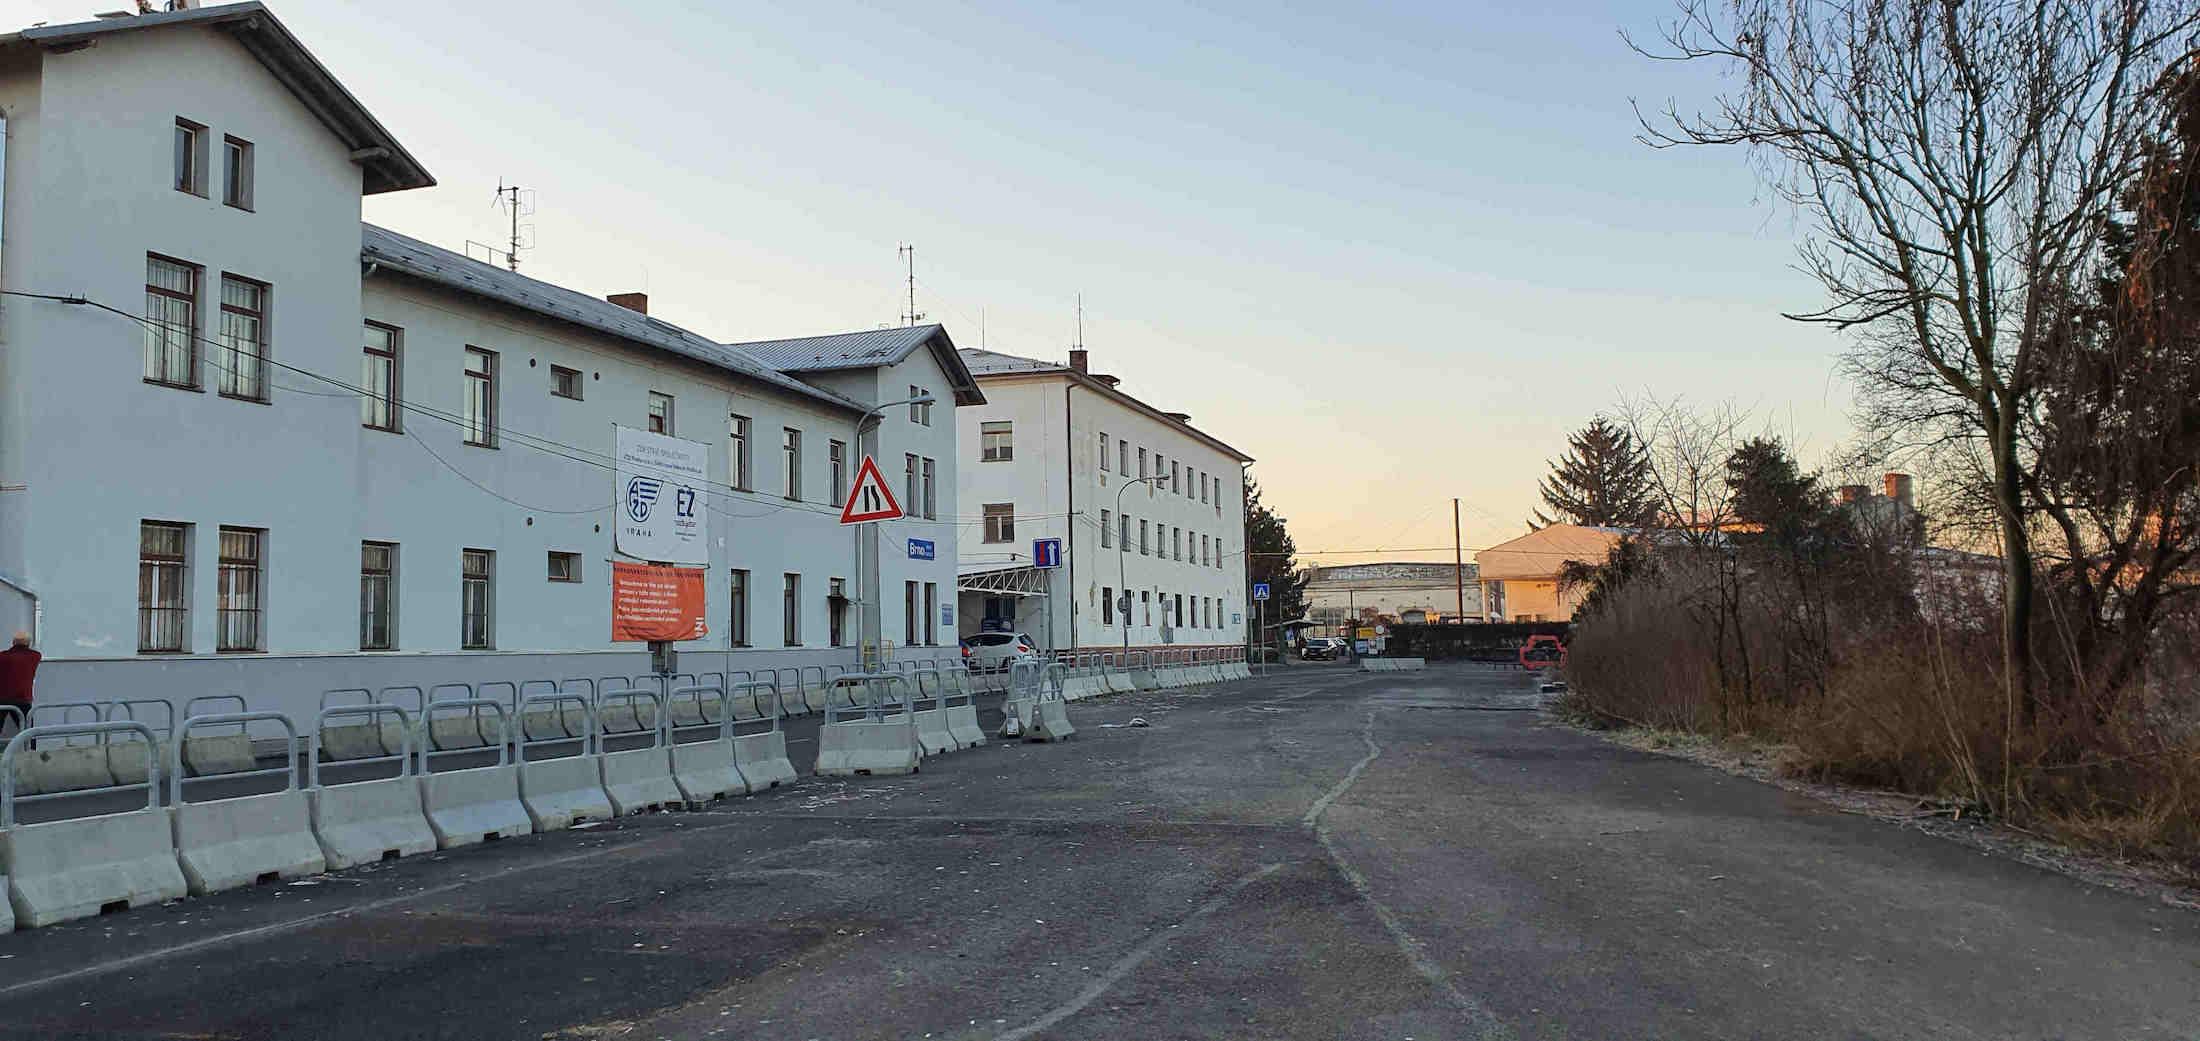 Před Dolním nádražím v Brněv lednu 2020